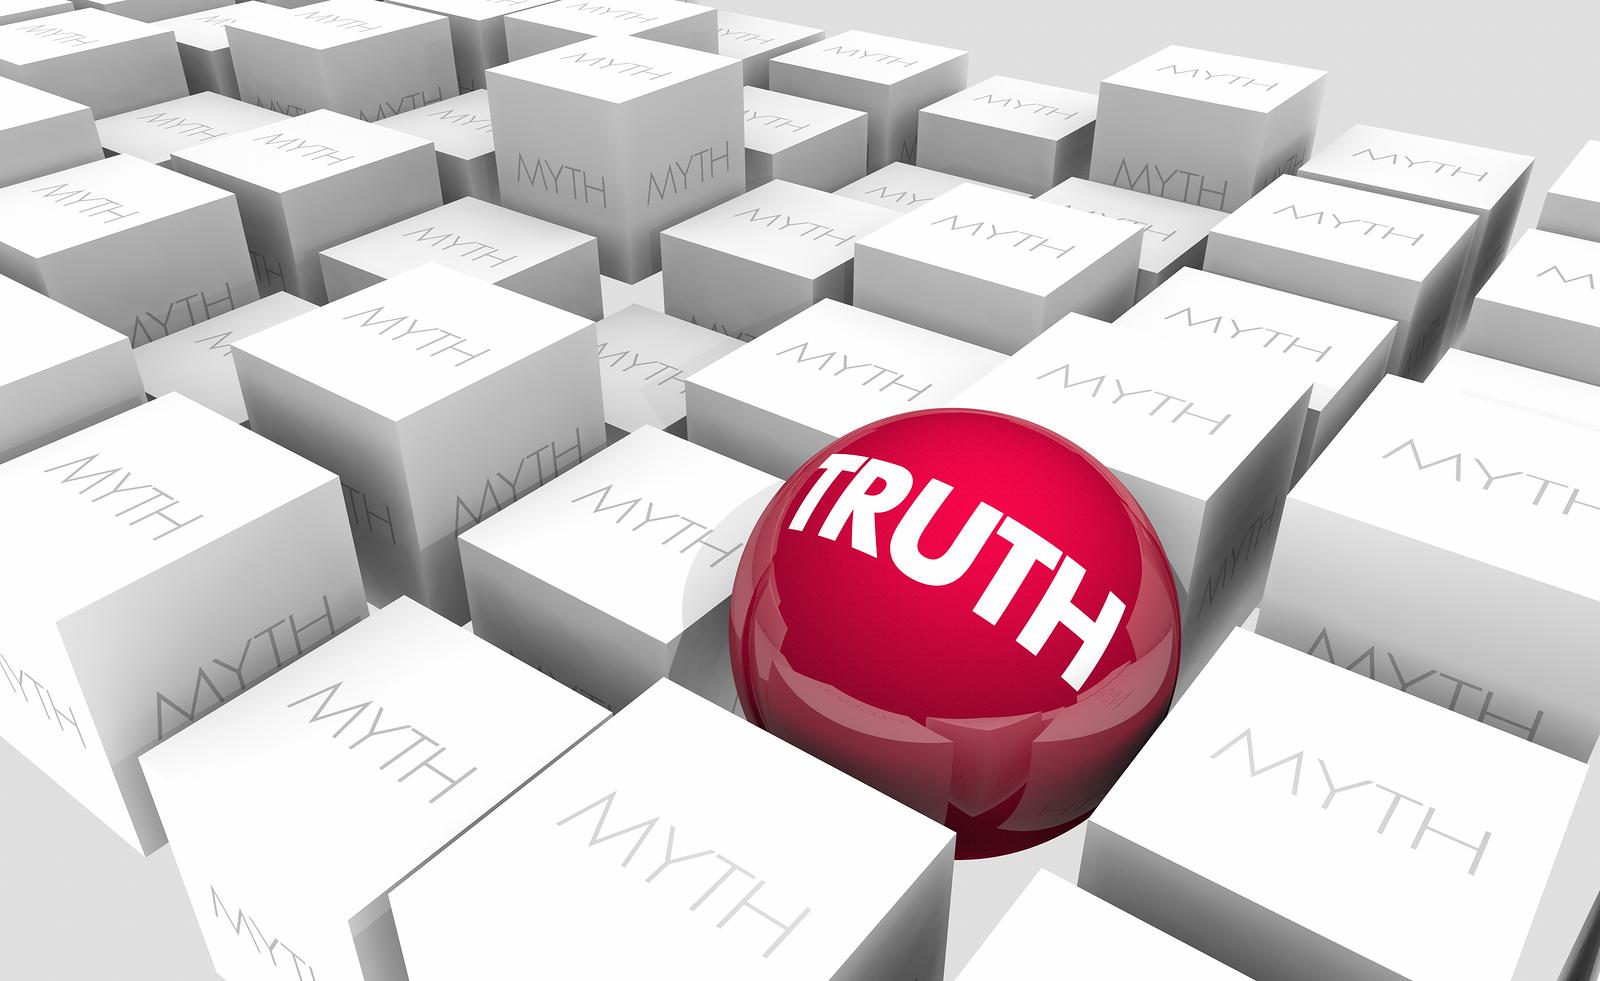 bigstock-Truth-Vs-Myths-Facts-or-Fictio-256951567.jpg